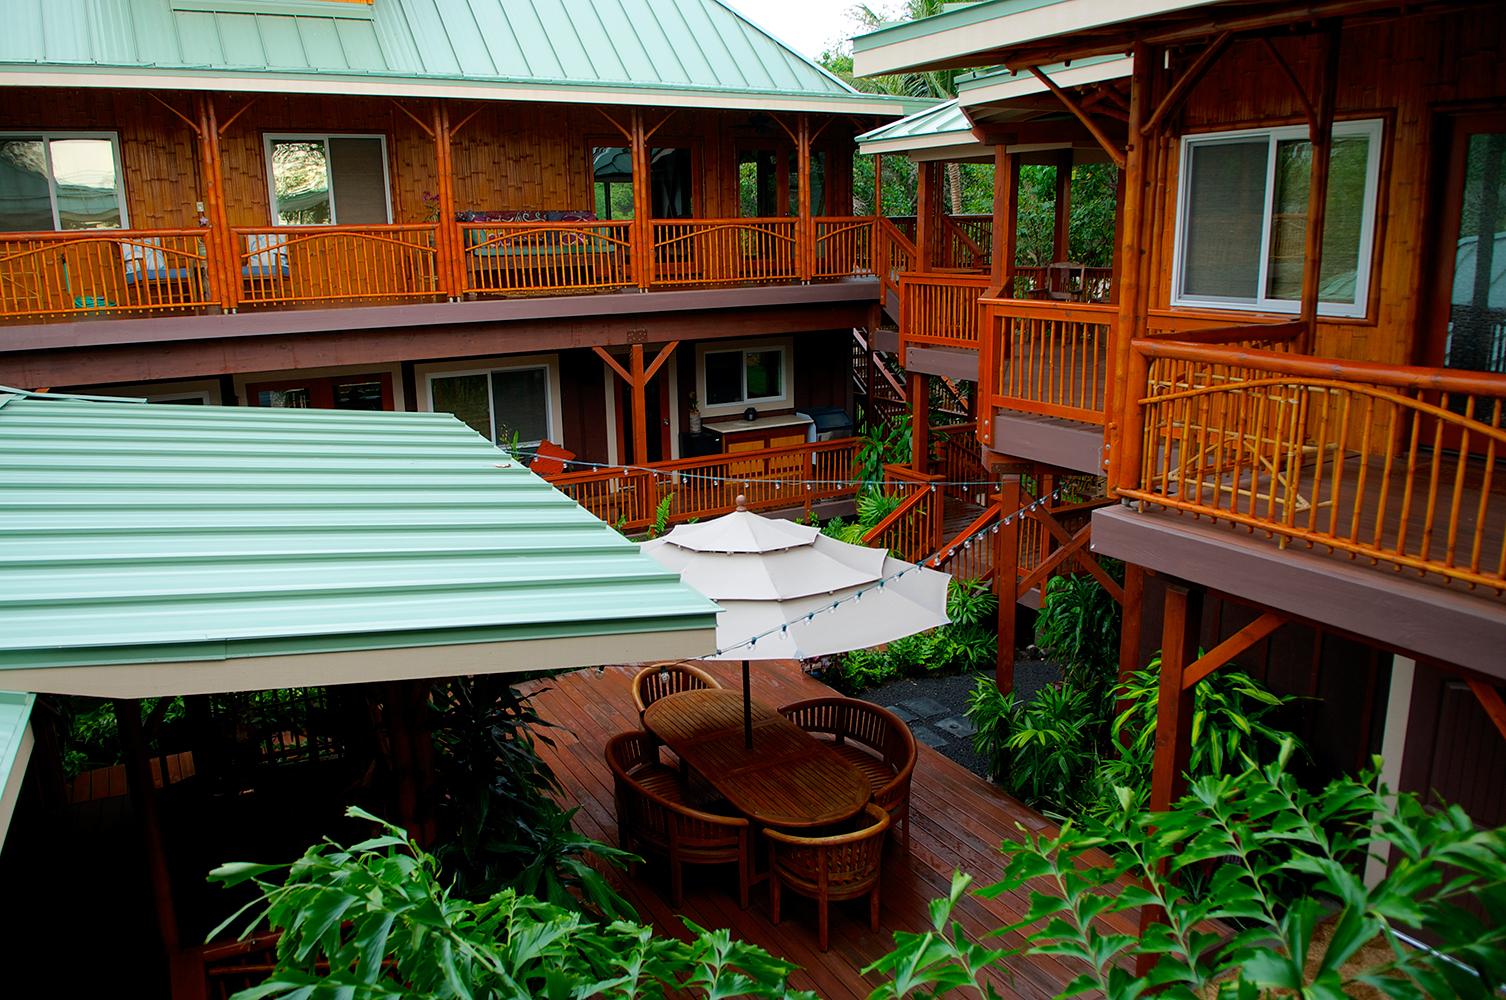 Interior_Courtyard_3.jpg